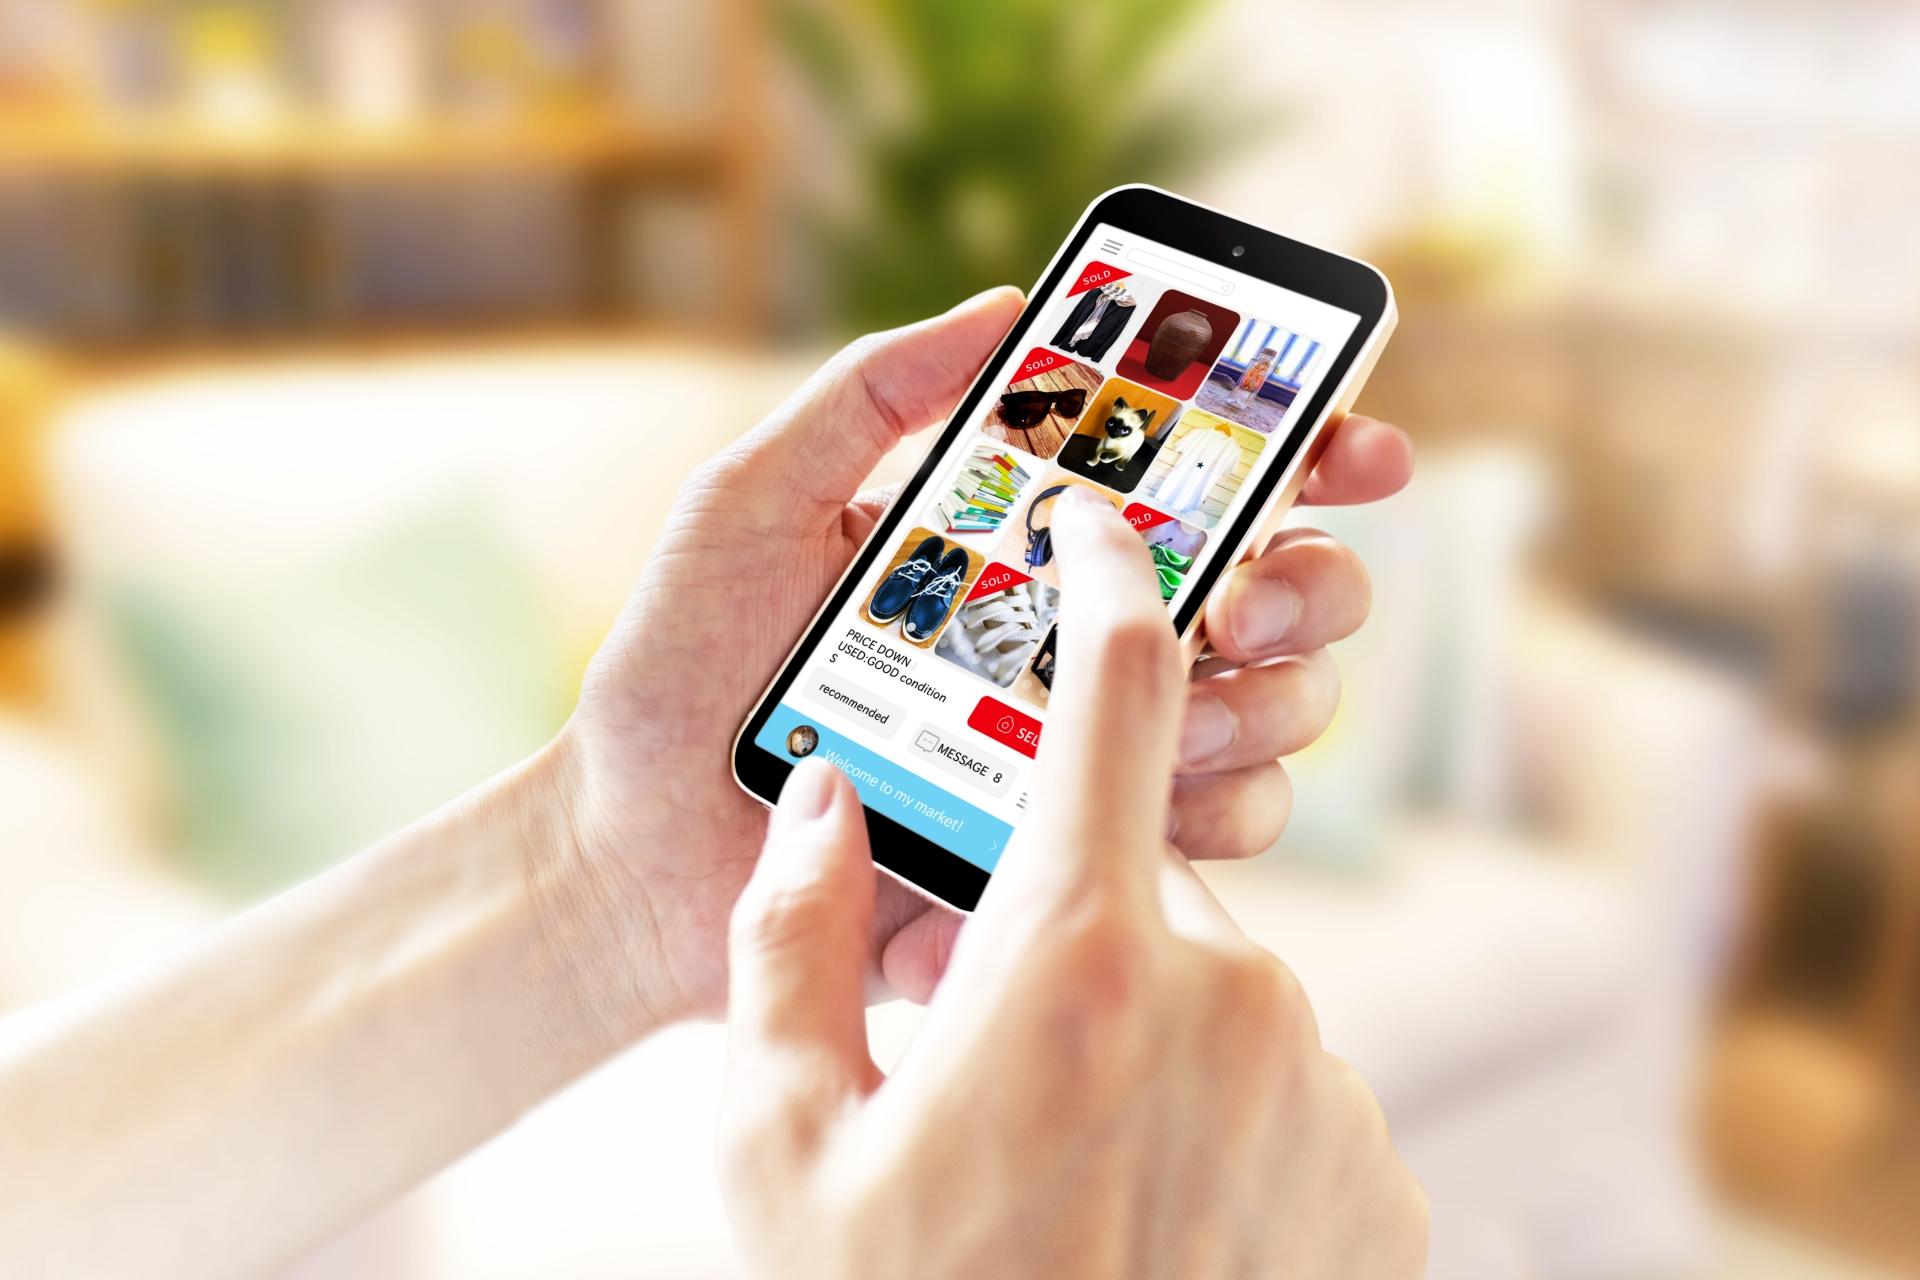 ホームページが簡単に制作できるおすすめアプリとそのメリットデメリット